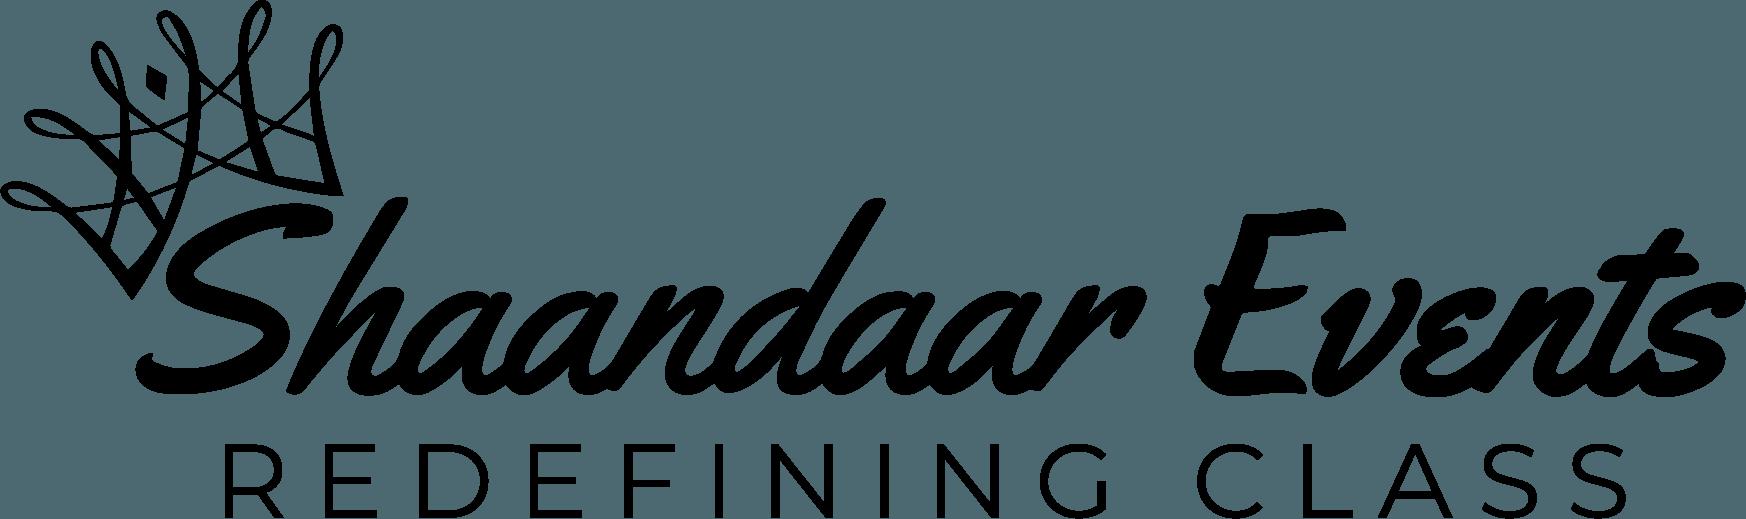 shaandaar events logo black